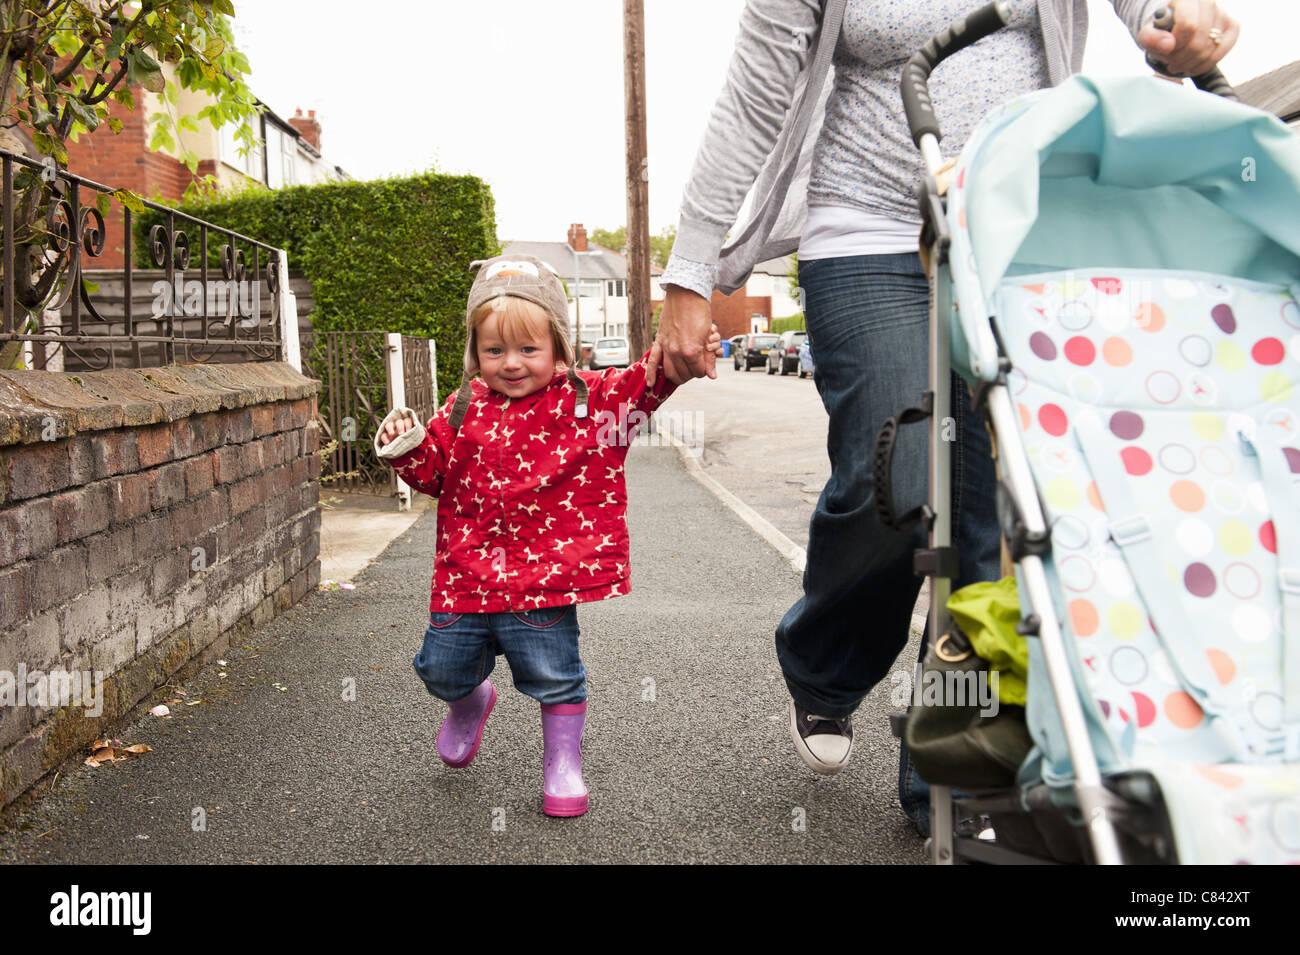 Bébé fille marcher avec la mère Photo Stock